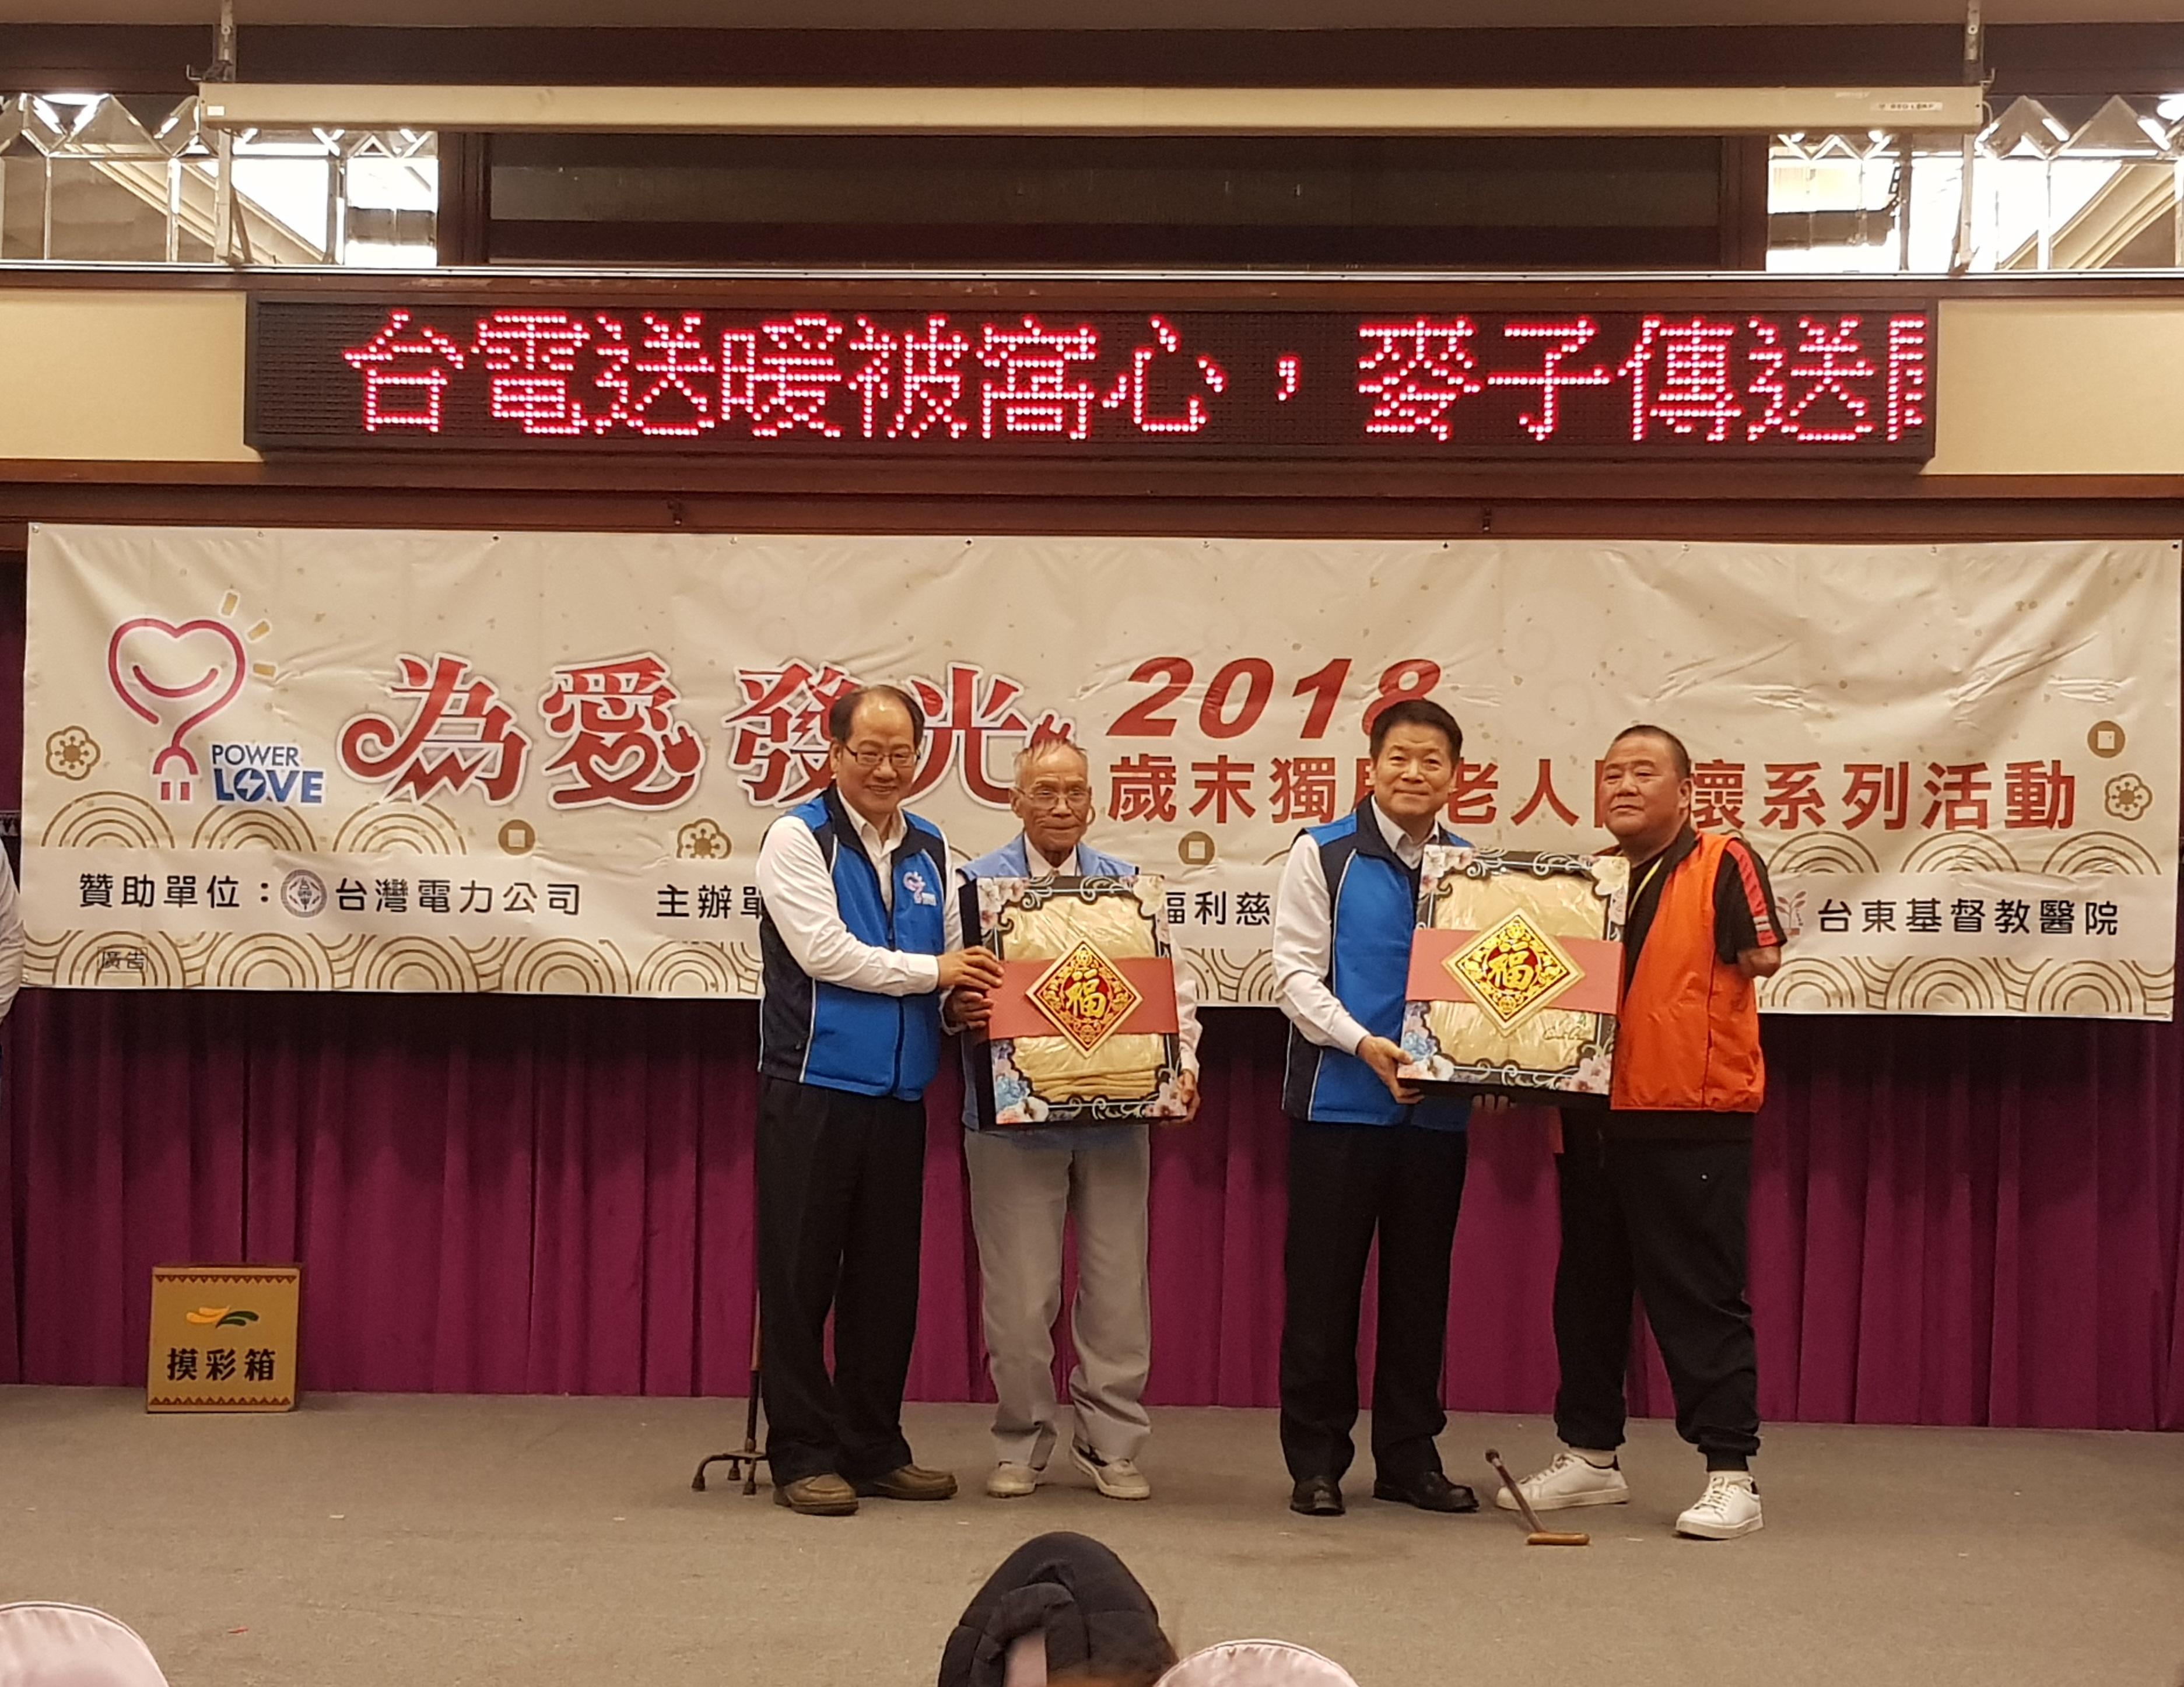 今(108)年台東場圍爐活動由台電副總經理李鴻洲(右2)出席,並致贈溫馨關懷禮新毛毯,希望老人家可以溫暖過年